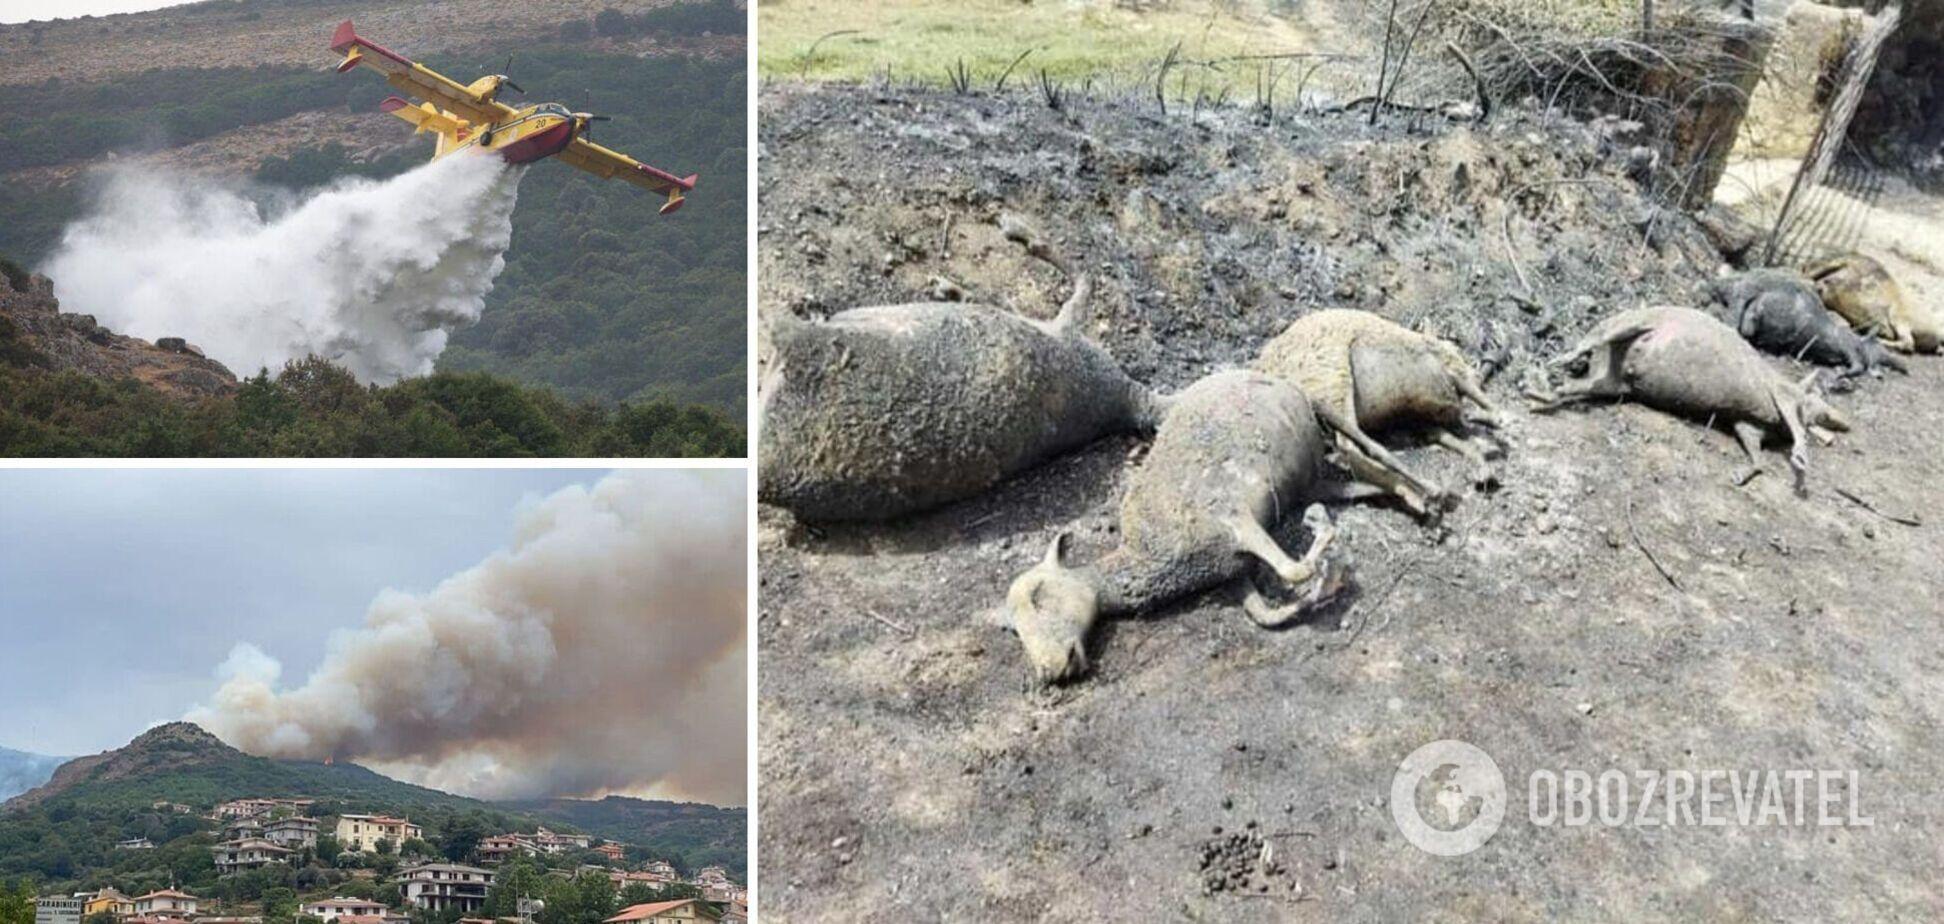 В Италии вспыхнули масштабные лесные пожары, люди вынуждены покидать дома. Фото и видео